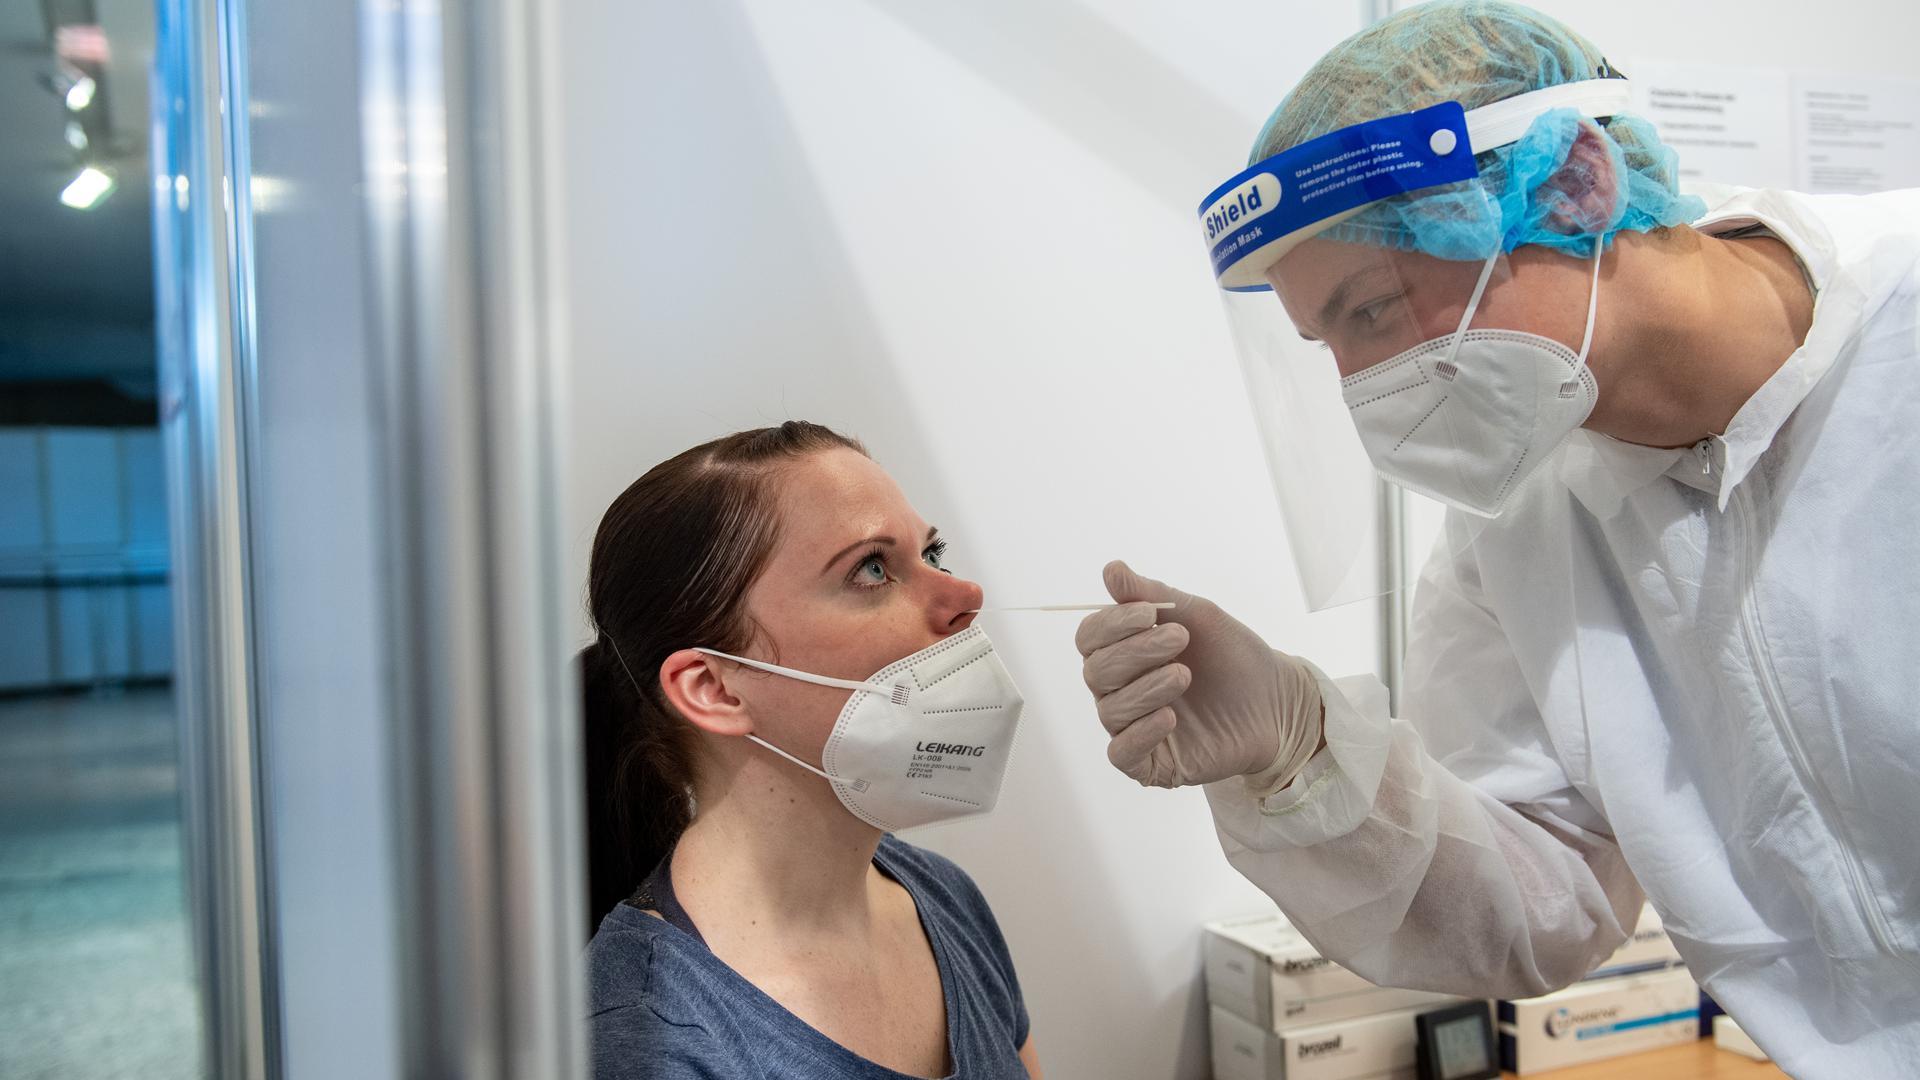 Ein Corona-Tester führt im Coronatestzentrum im Gewandhaus in Leipzig einen Schnelltest durch. +++ dpa-Bildfunk +++